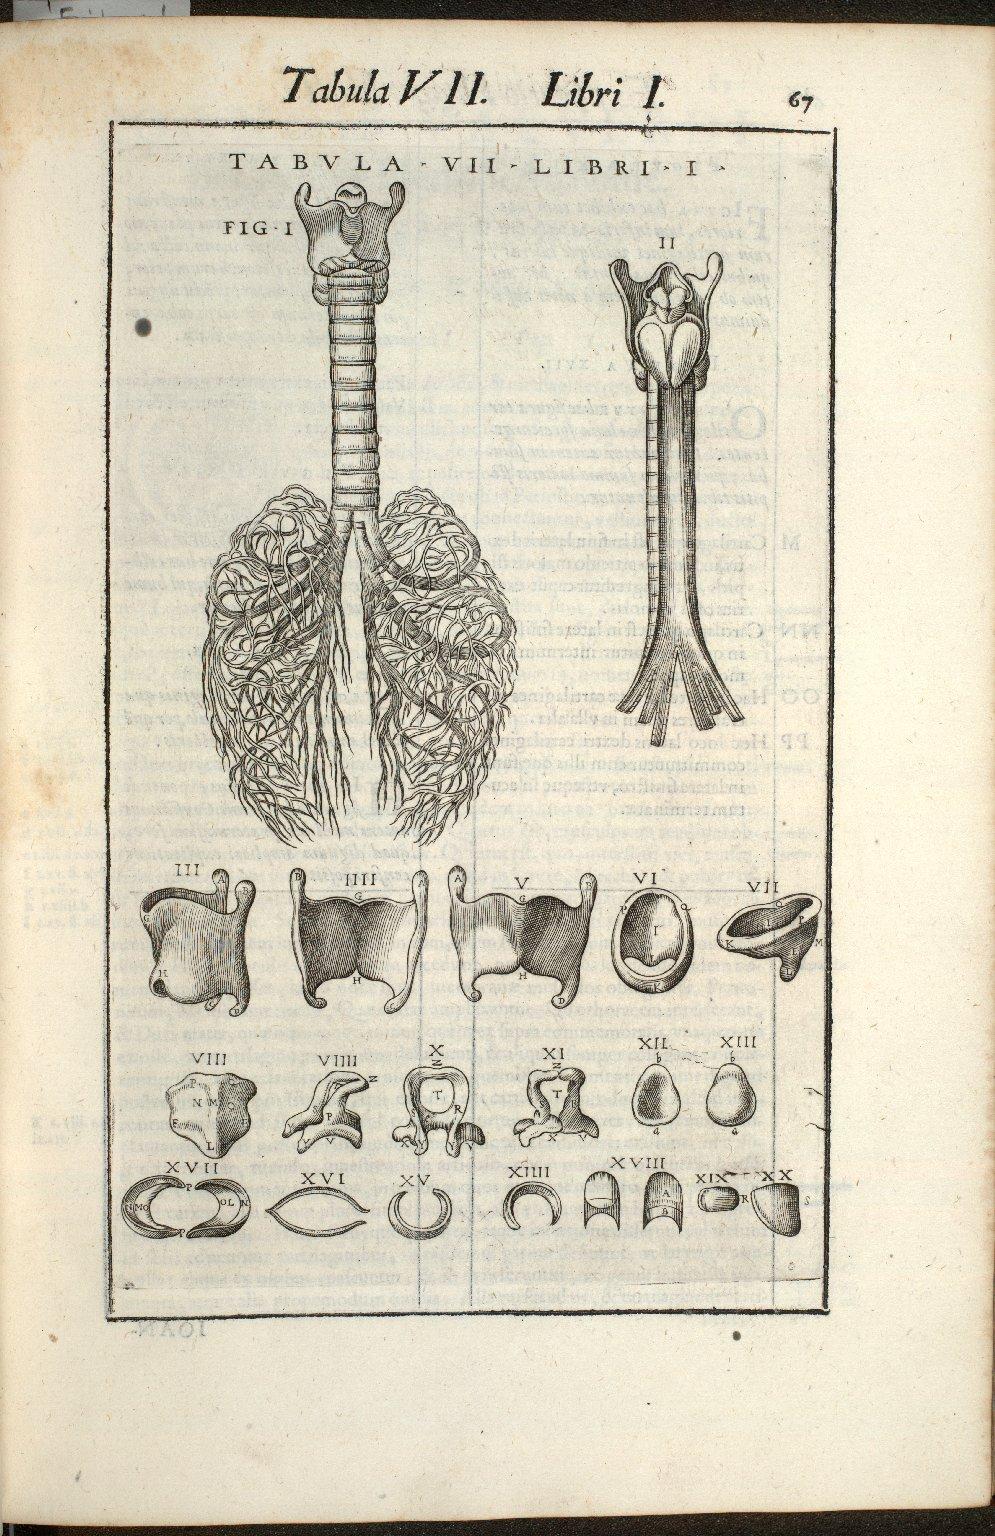 Tabula VII. Libri I.